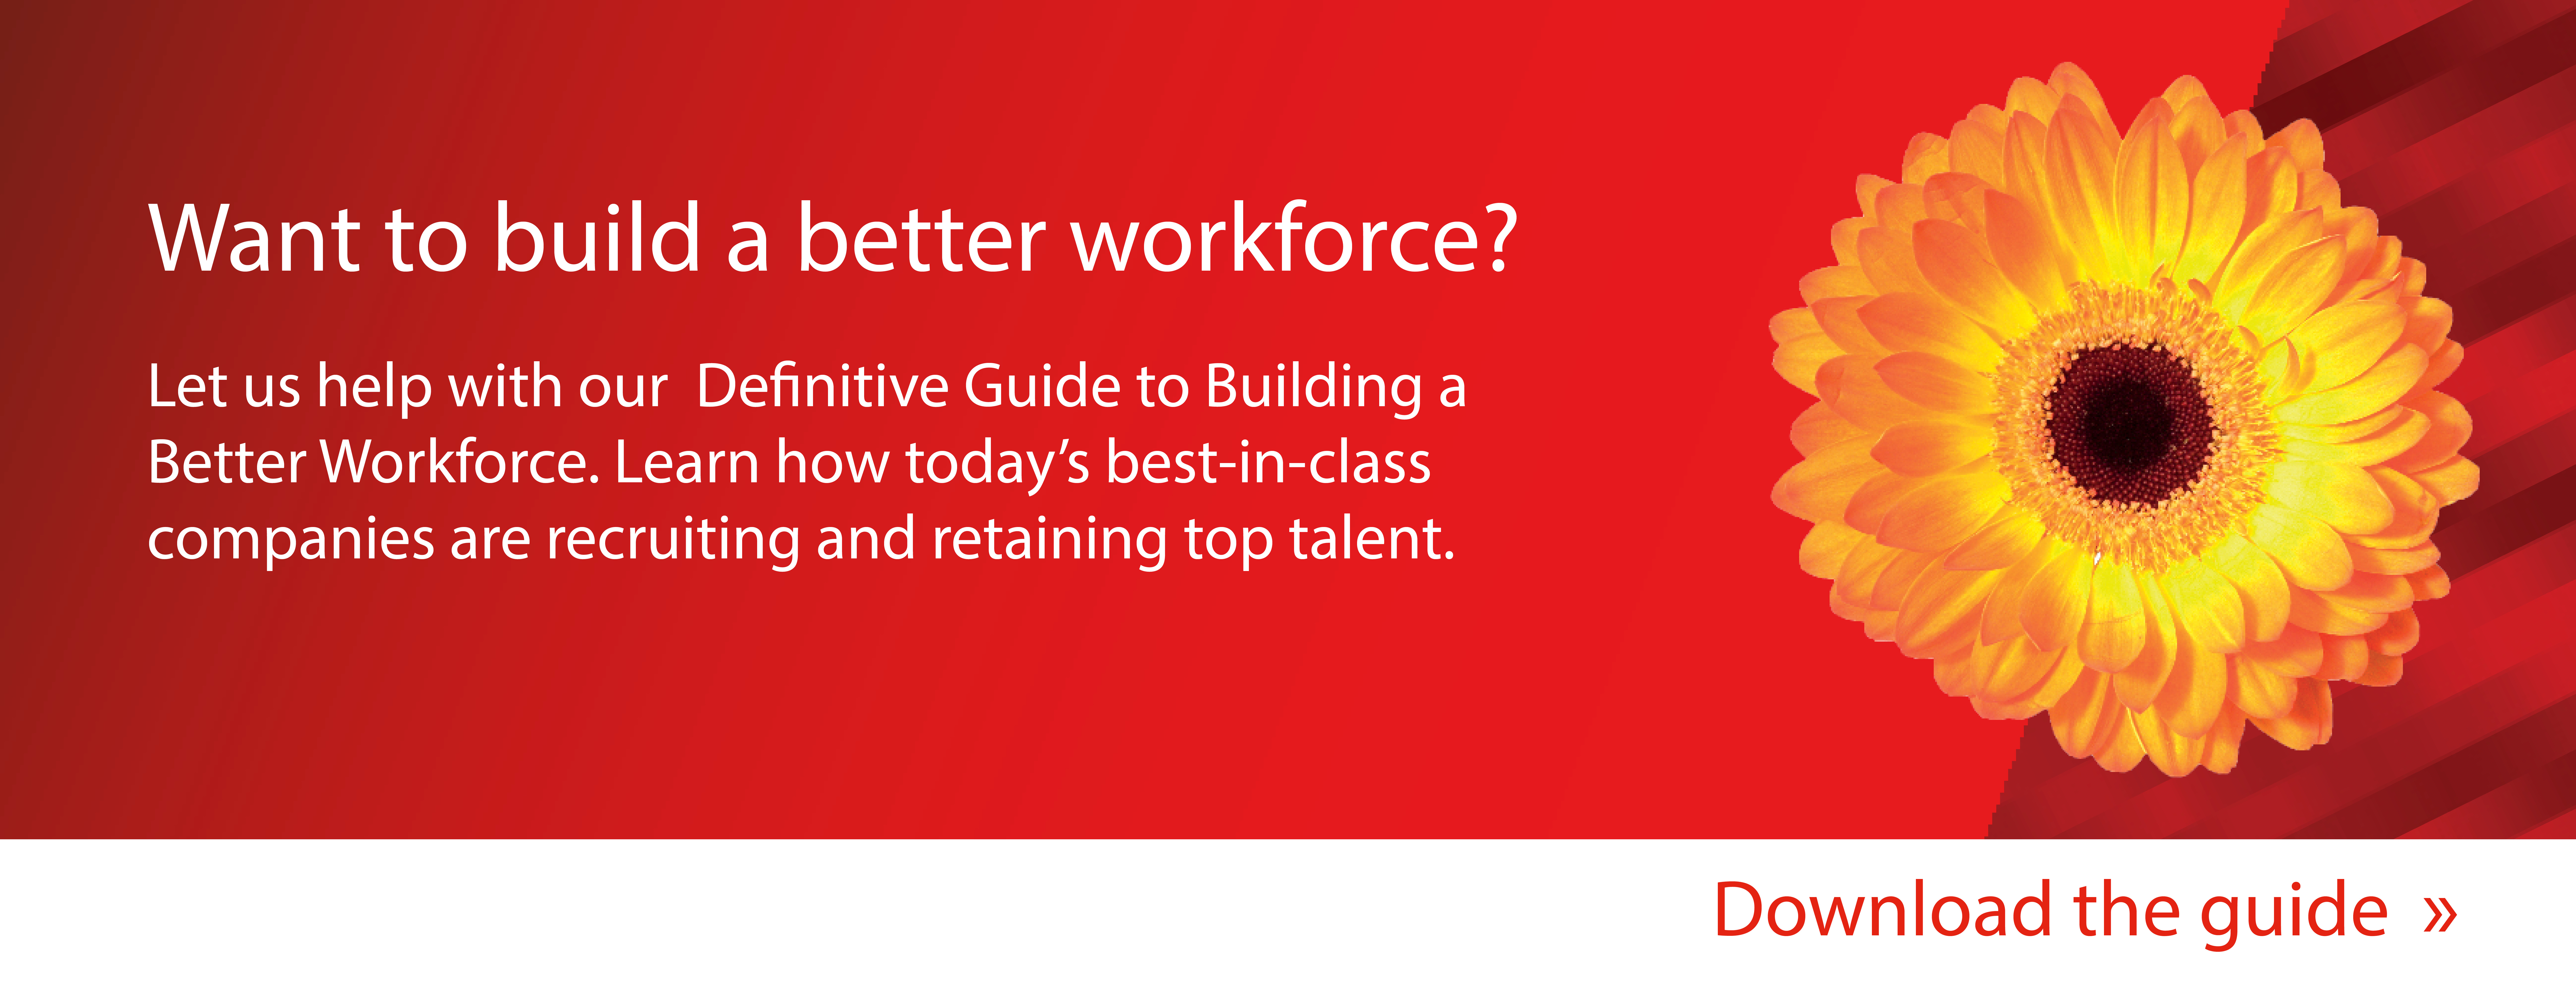 Build a better workforce